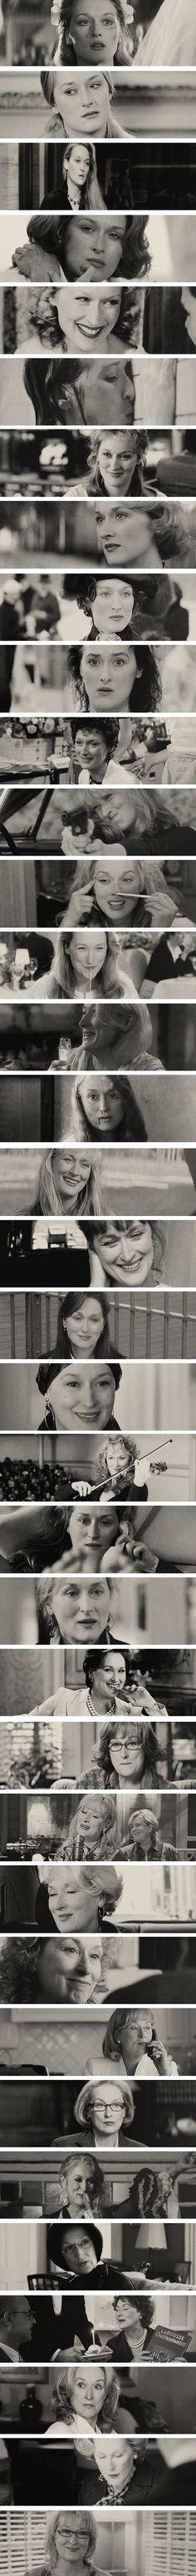 Que gran artista es está espectacular mujer Meryl Streep, multifacética, profesional, gran actriz, única, en pocas palabras LA MEJOR.  #MerylStreep.